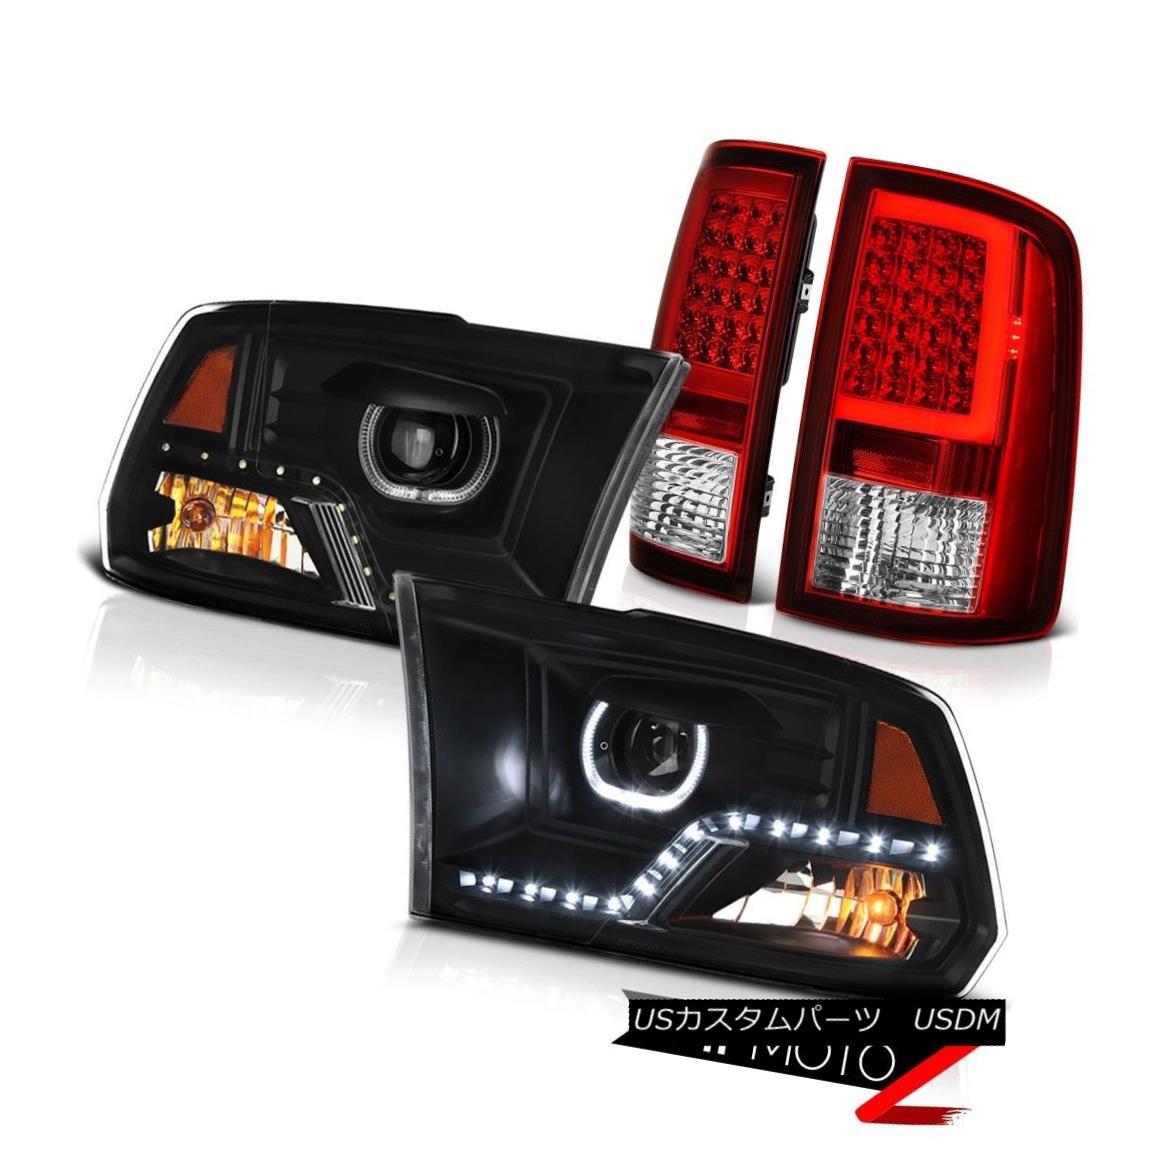 テールライト 09 10 11-18 Dodge RAM 1500 2500 Wine Red Led Bar Tail Light Headlamp SET PAIR 09 10 11-18ダッジRAM 1500 2500ワインレッドLEDバーテールライトヘッドランプSET PAIR